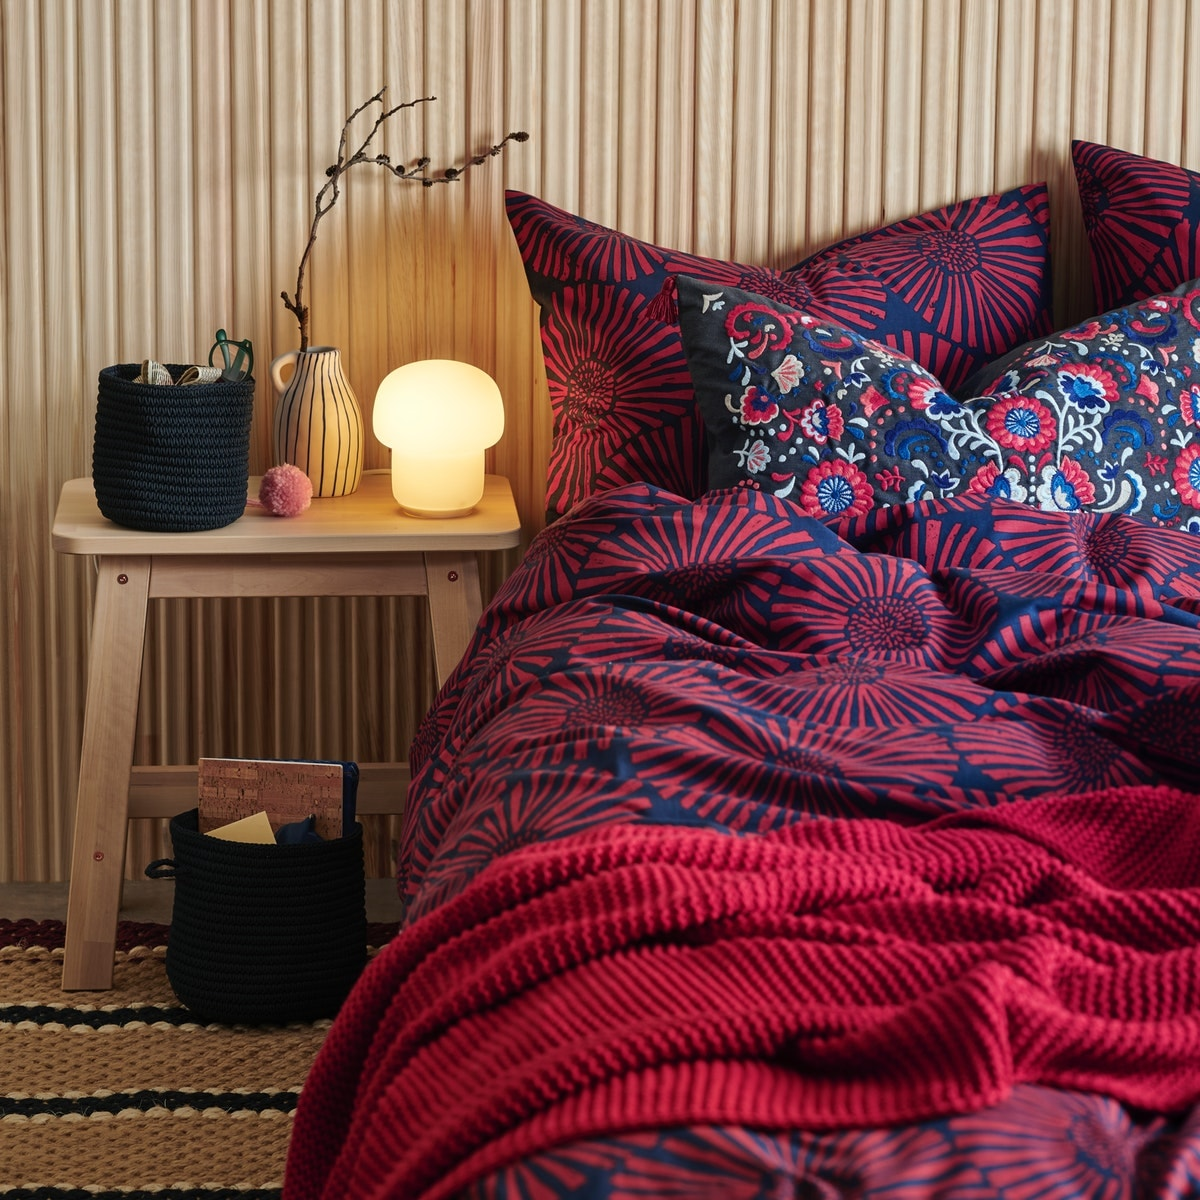 Quarto em madeiras claras com roupa de cama vermelha e azul da estação.